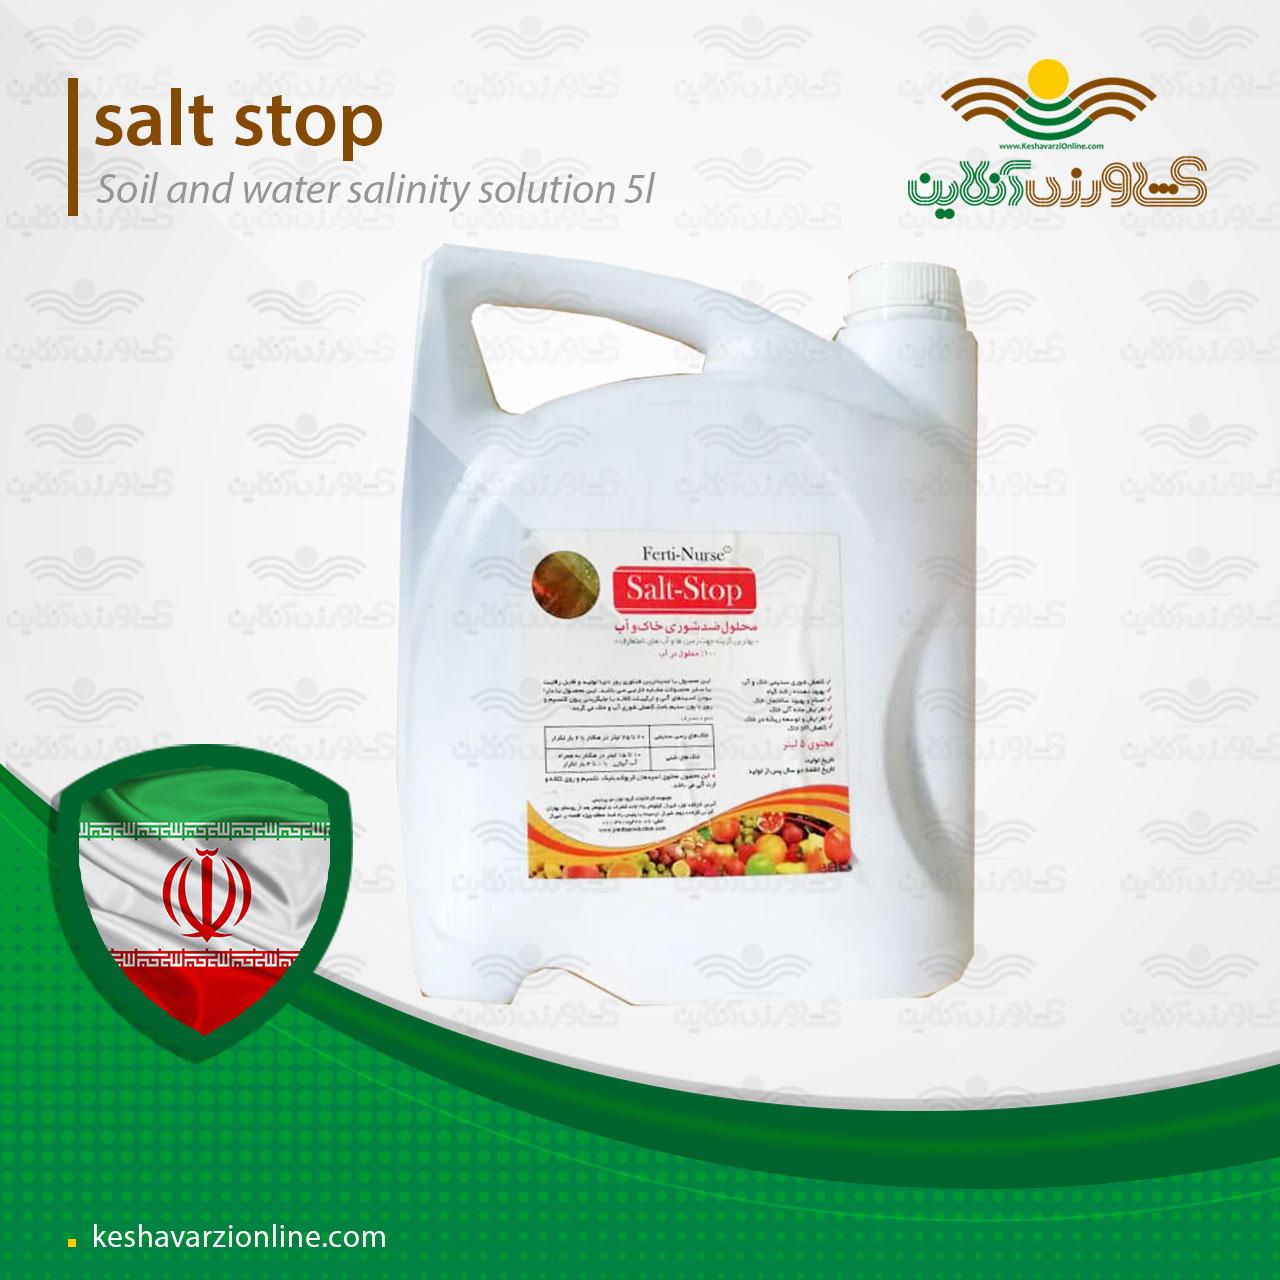 محلول ضد شوری خاک و آب( salt stop)